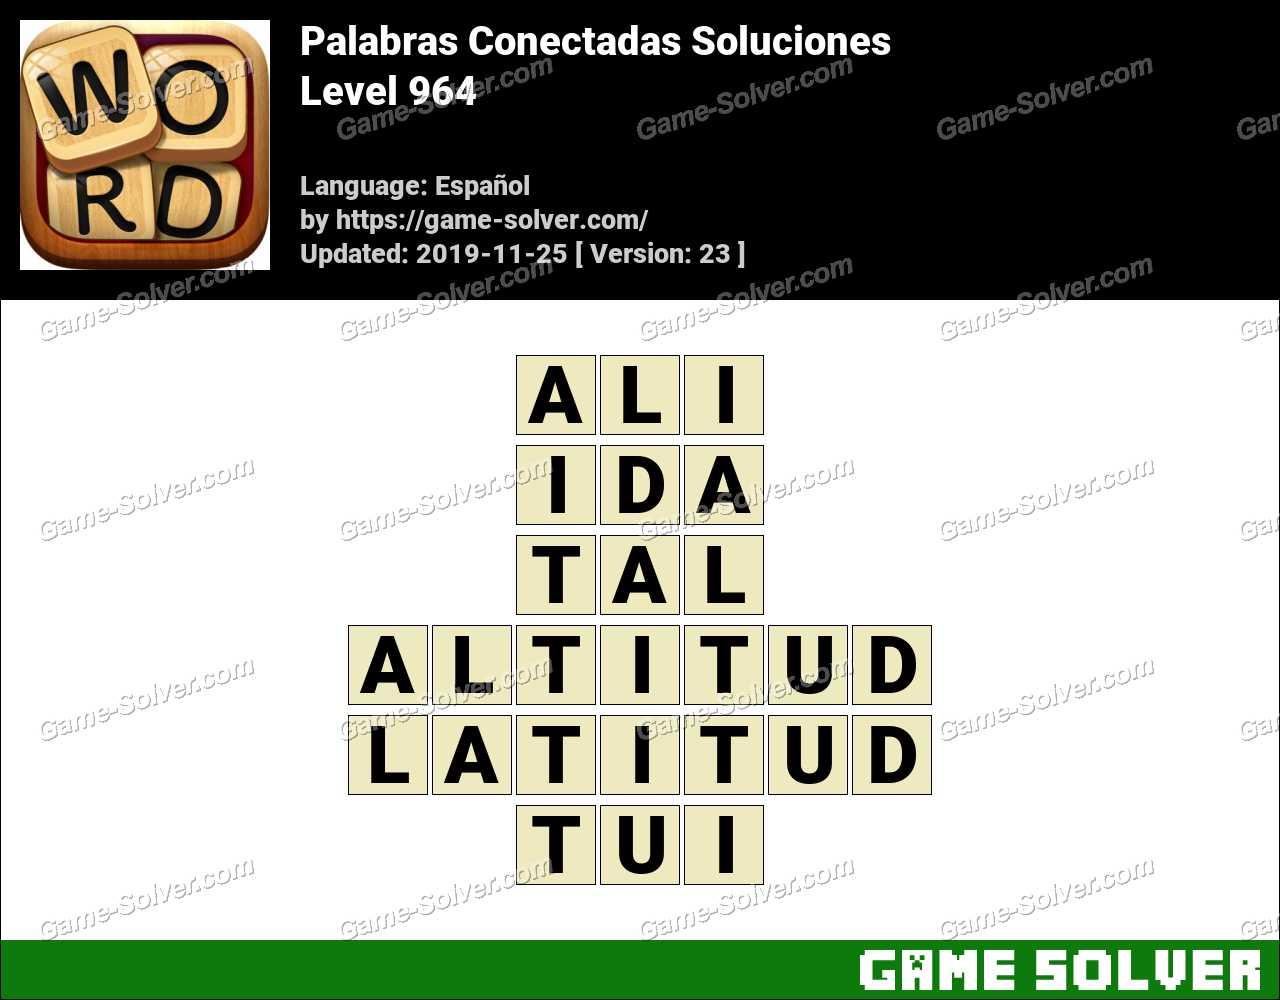 Palabras Conectadas Nivel 964 Soluciones